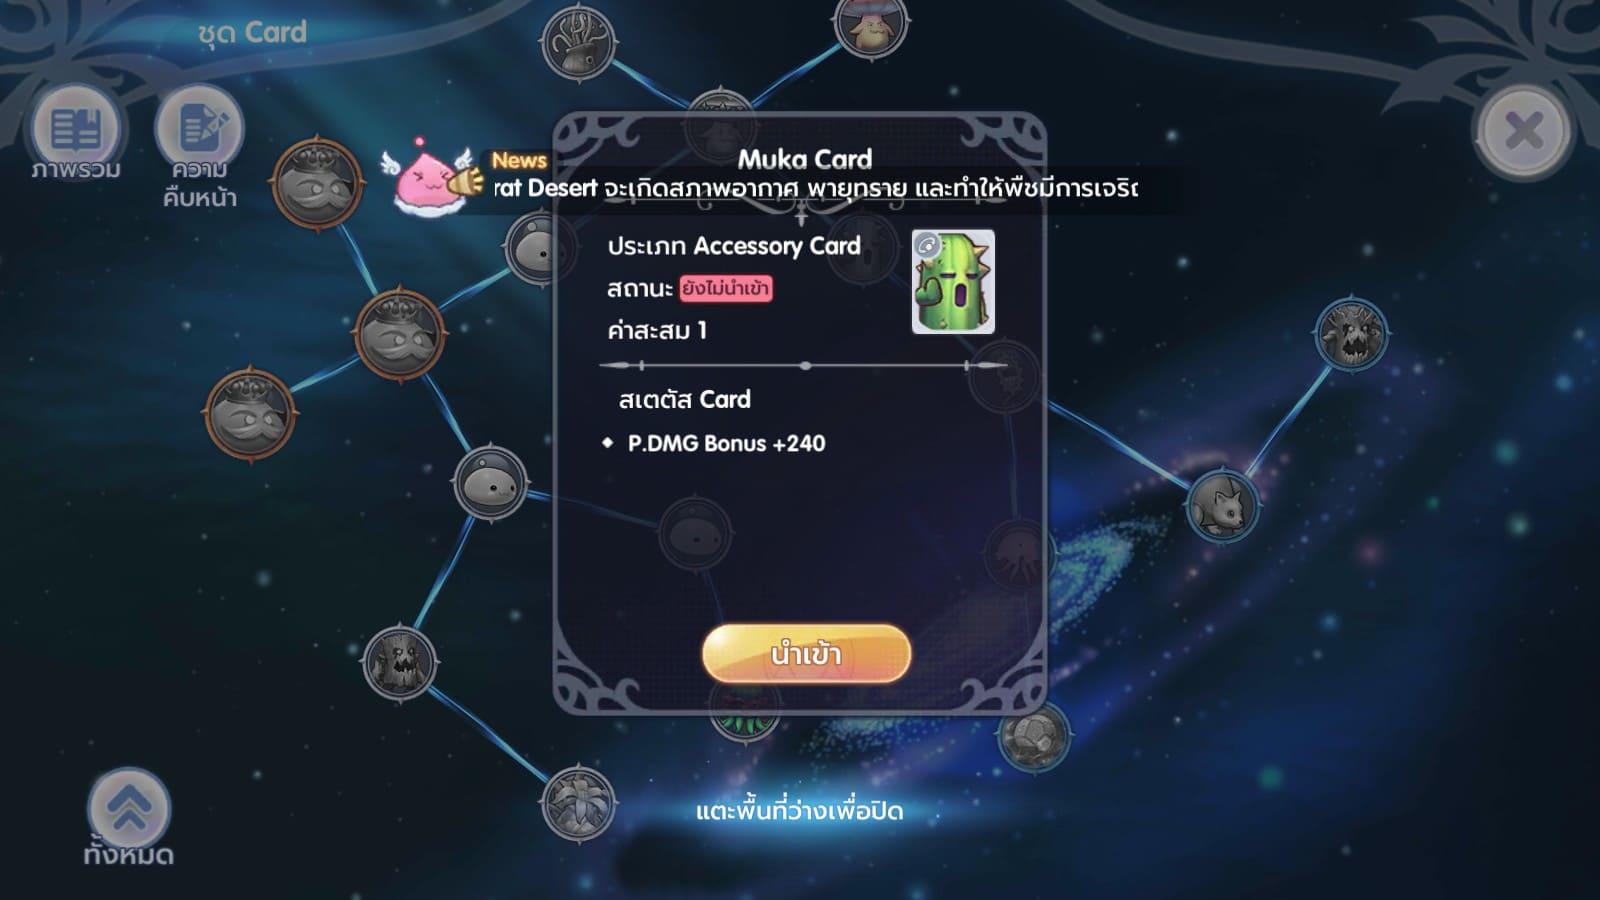 ROX - Muka Card การ์ดสายกายภาพ